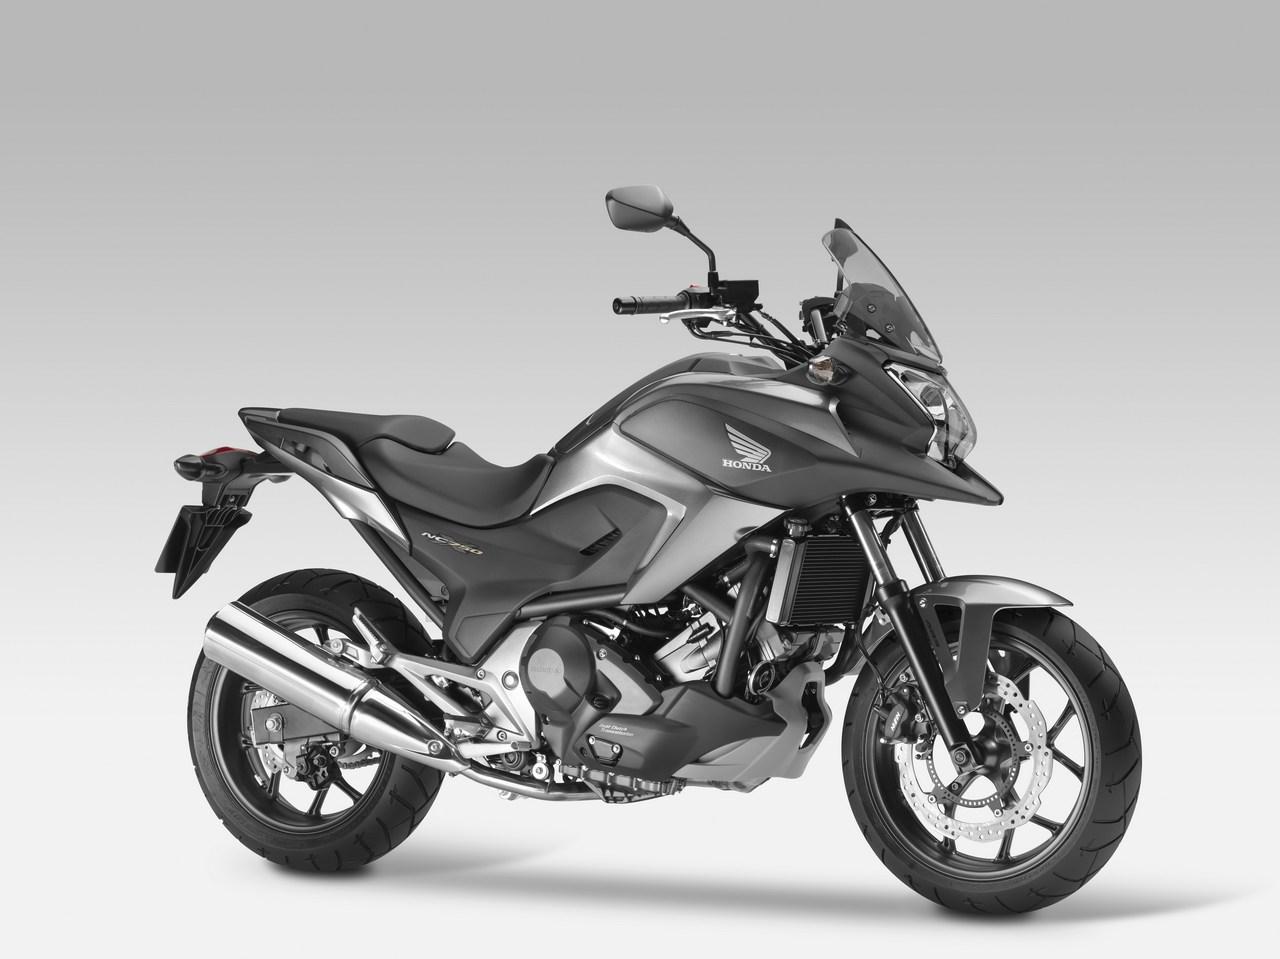 大型バイク初心者にもおすすめ!ちょうどいいがウリのホンダ・NC750Xのサムネイル画像